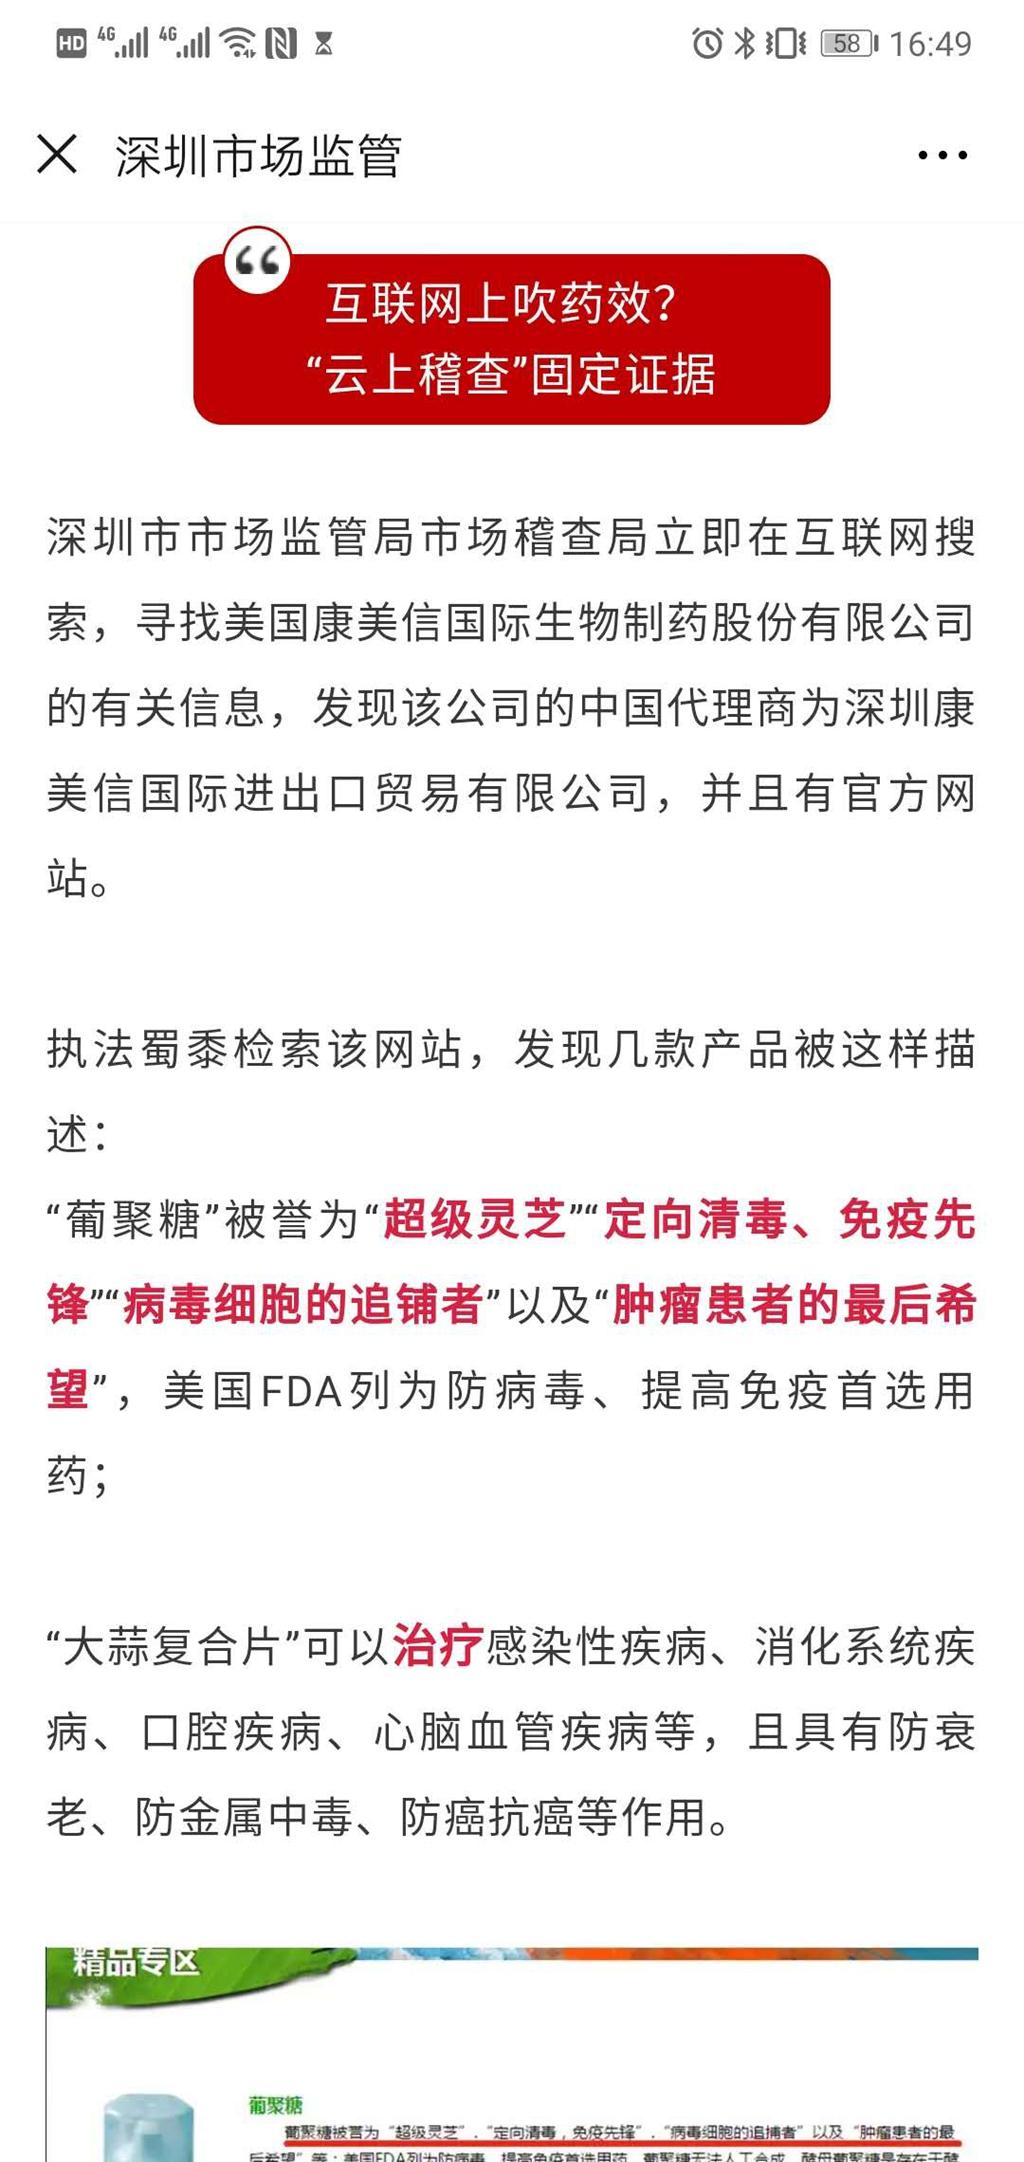 """曝光=-进口食品当""""神药""""康美信涉嫌虚假宣传将被罚"""